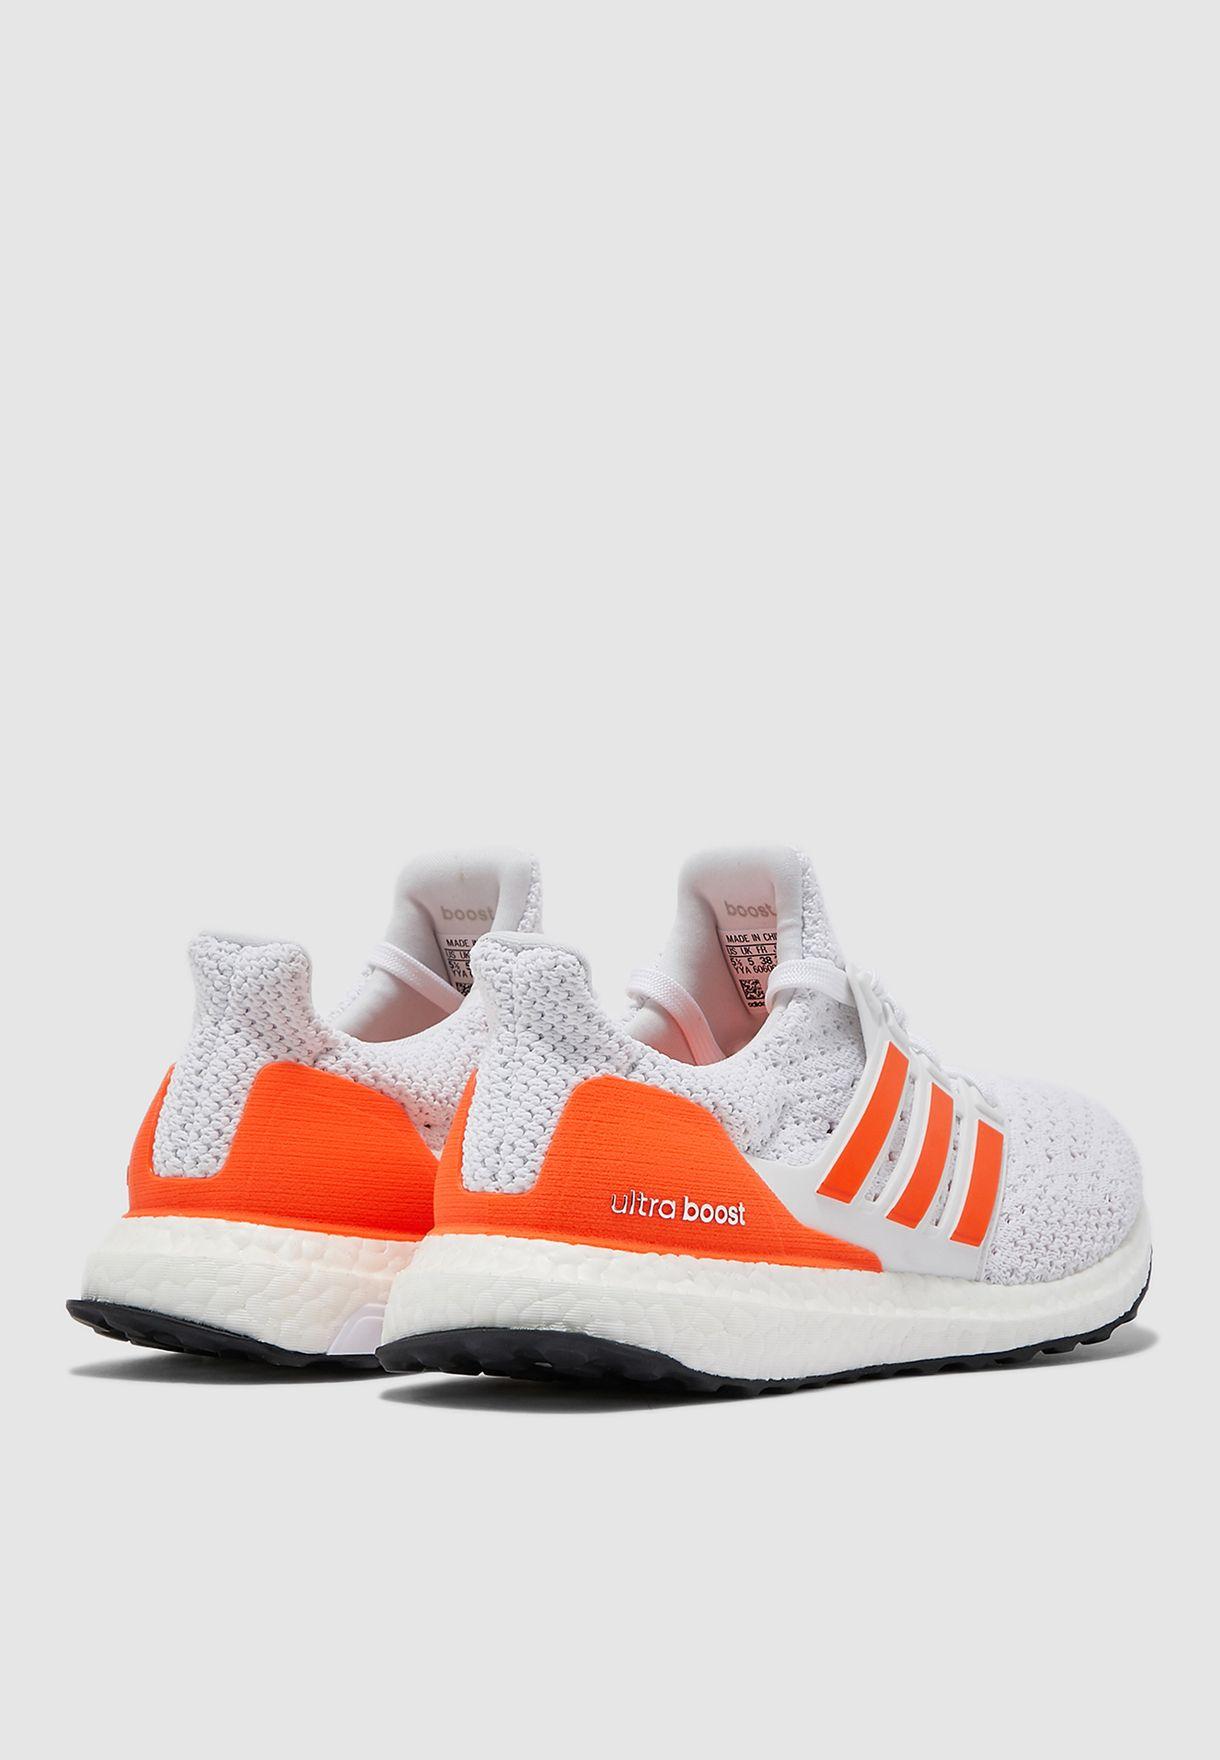 حذاء الترا بوست كليما